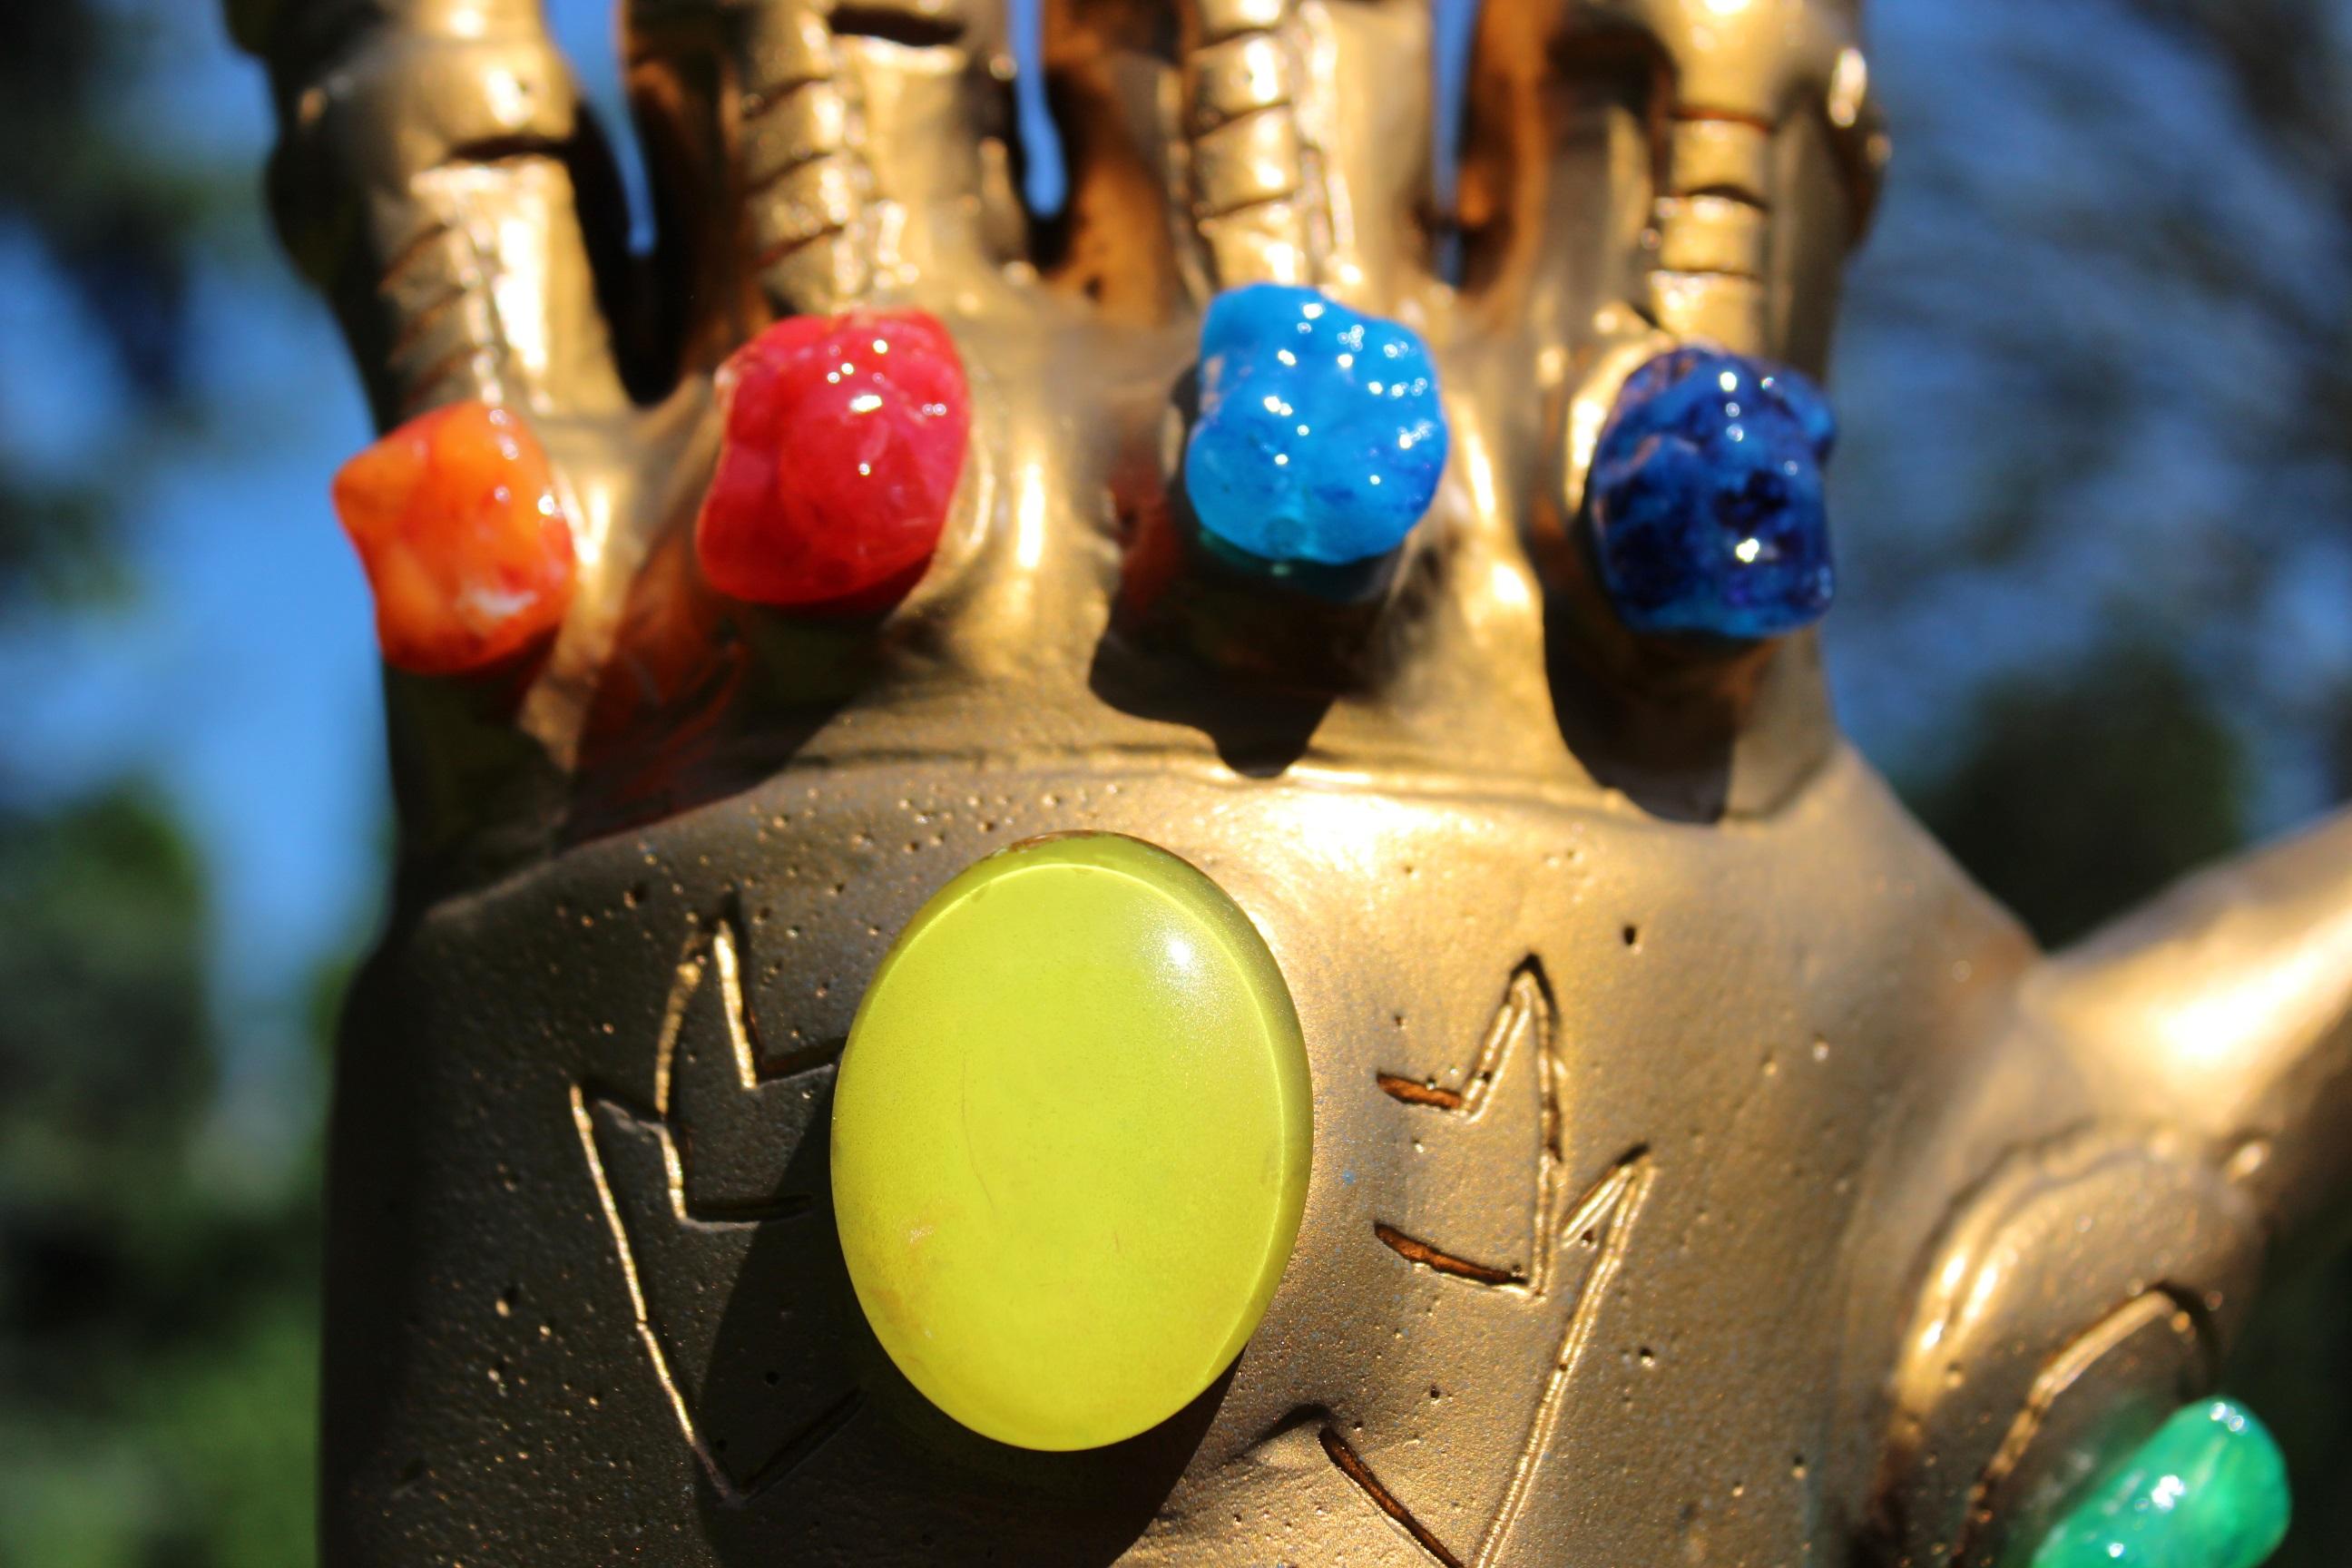 szmk_marvel_avengers_infinity_gauntlet_bosszuallok_vegtelen_kesztyu_csinald_magad_thanos_11.JPG